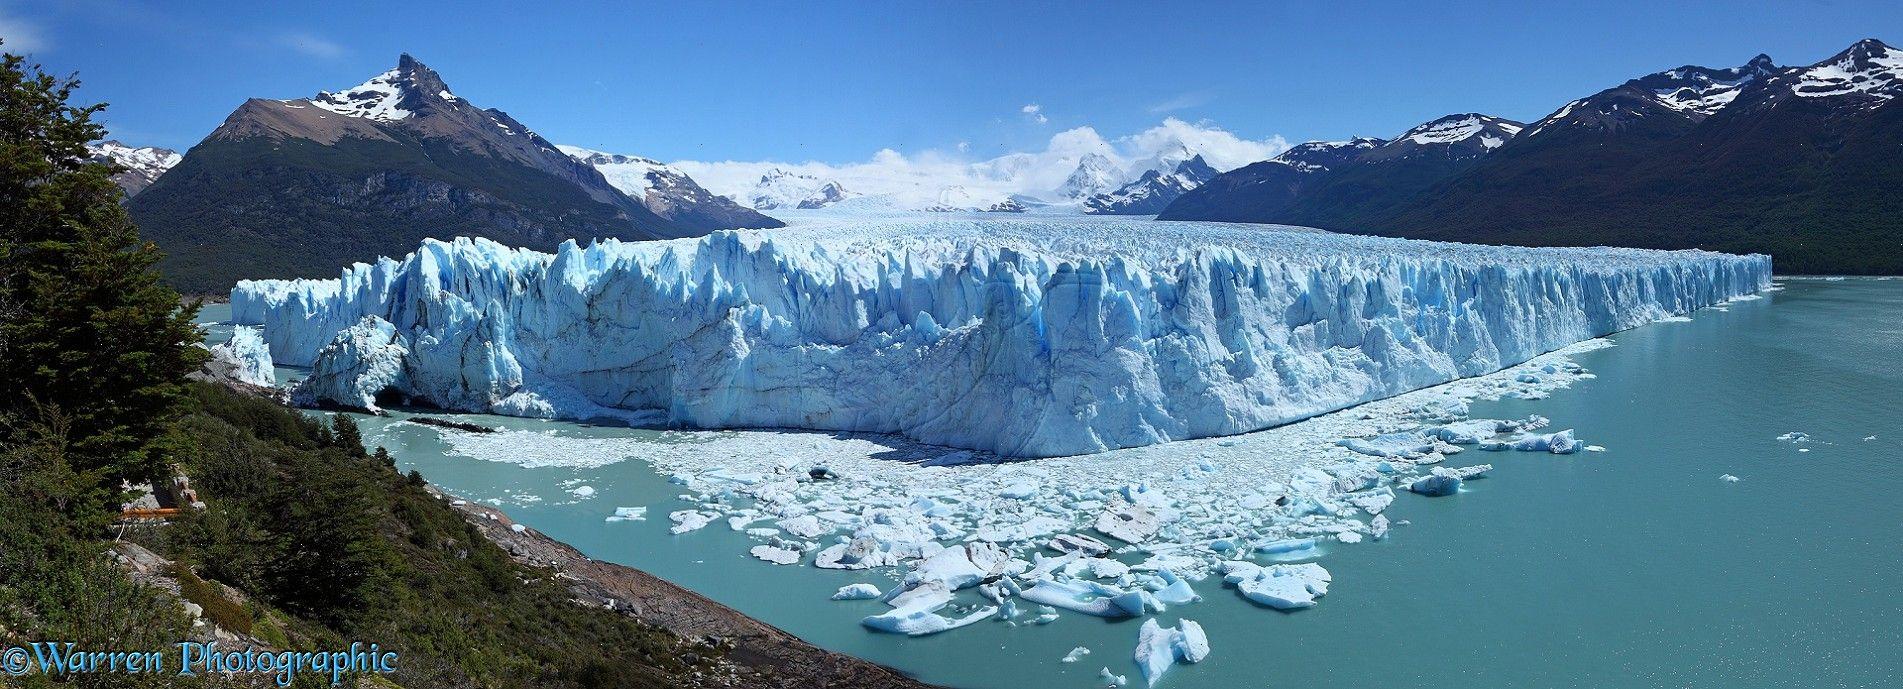 Perito Moreno Glacier. Argentina.